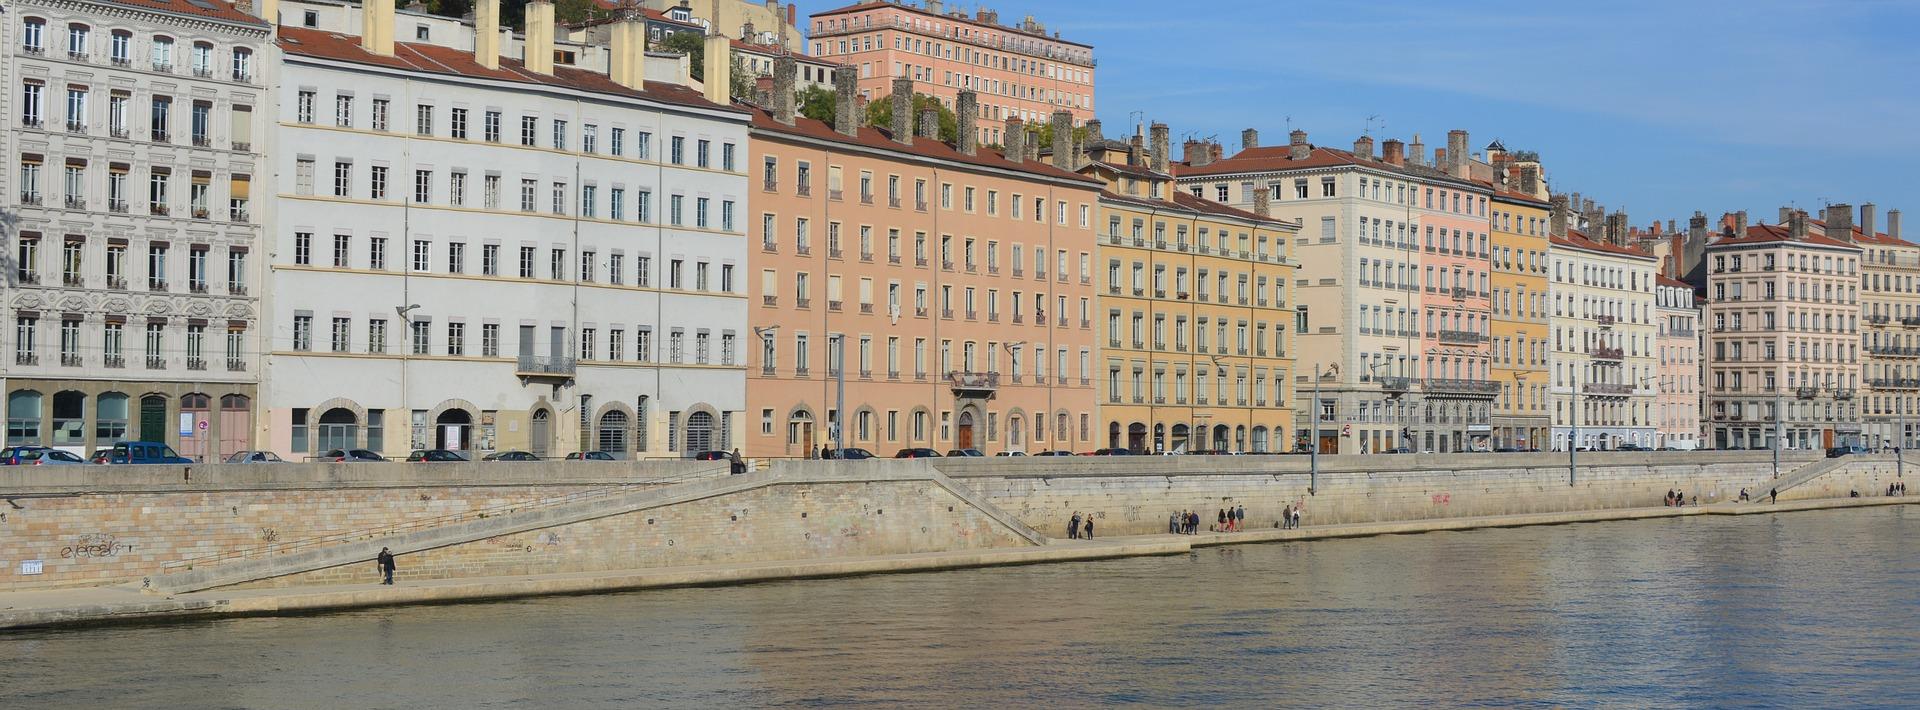 Petit guide de Lyon : les endroits gratuits à ne pas rater !